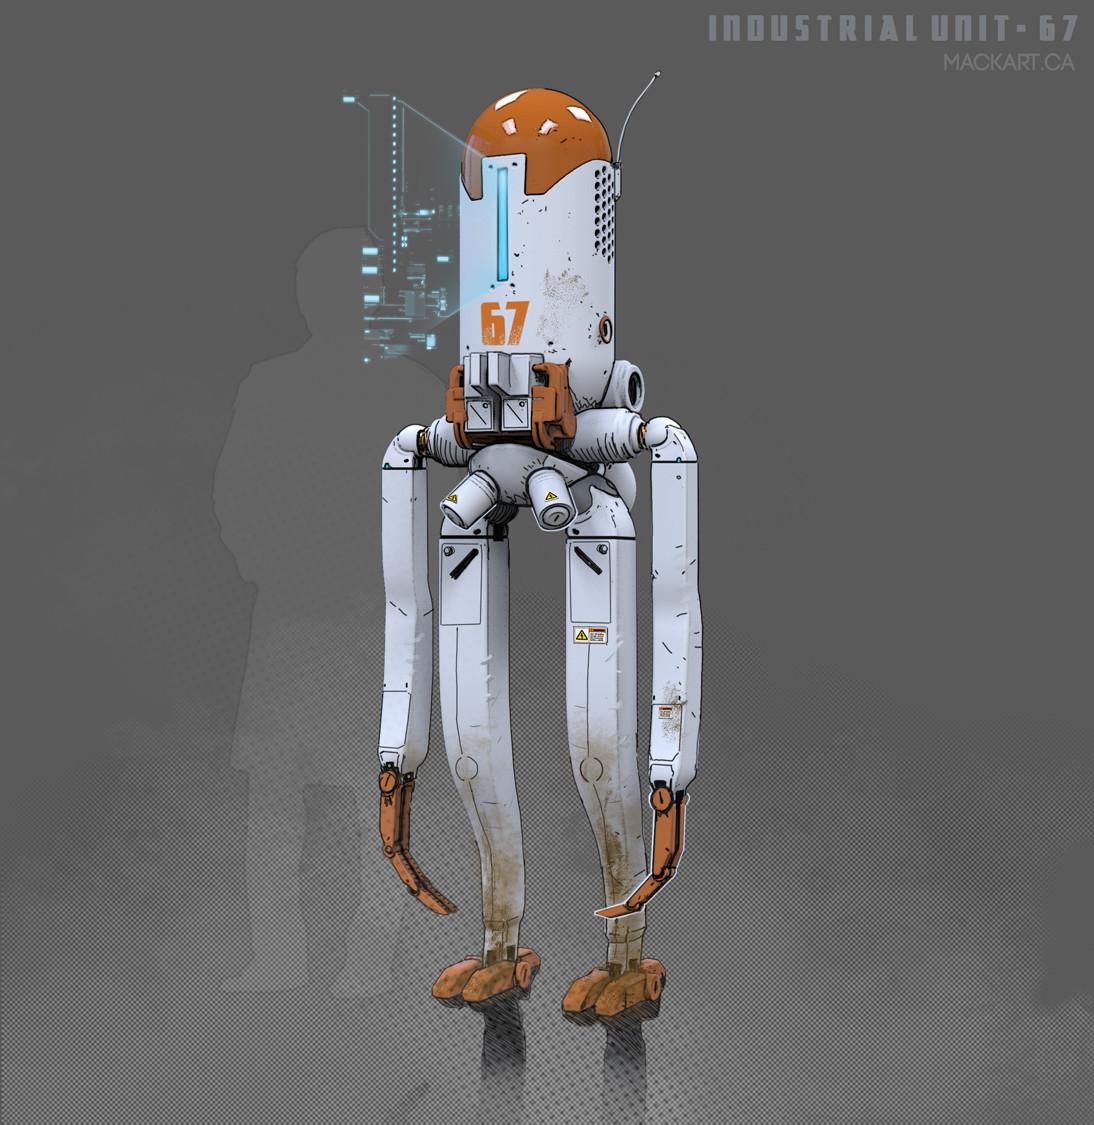 Mack sztaba industrial bot